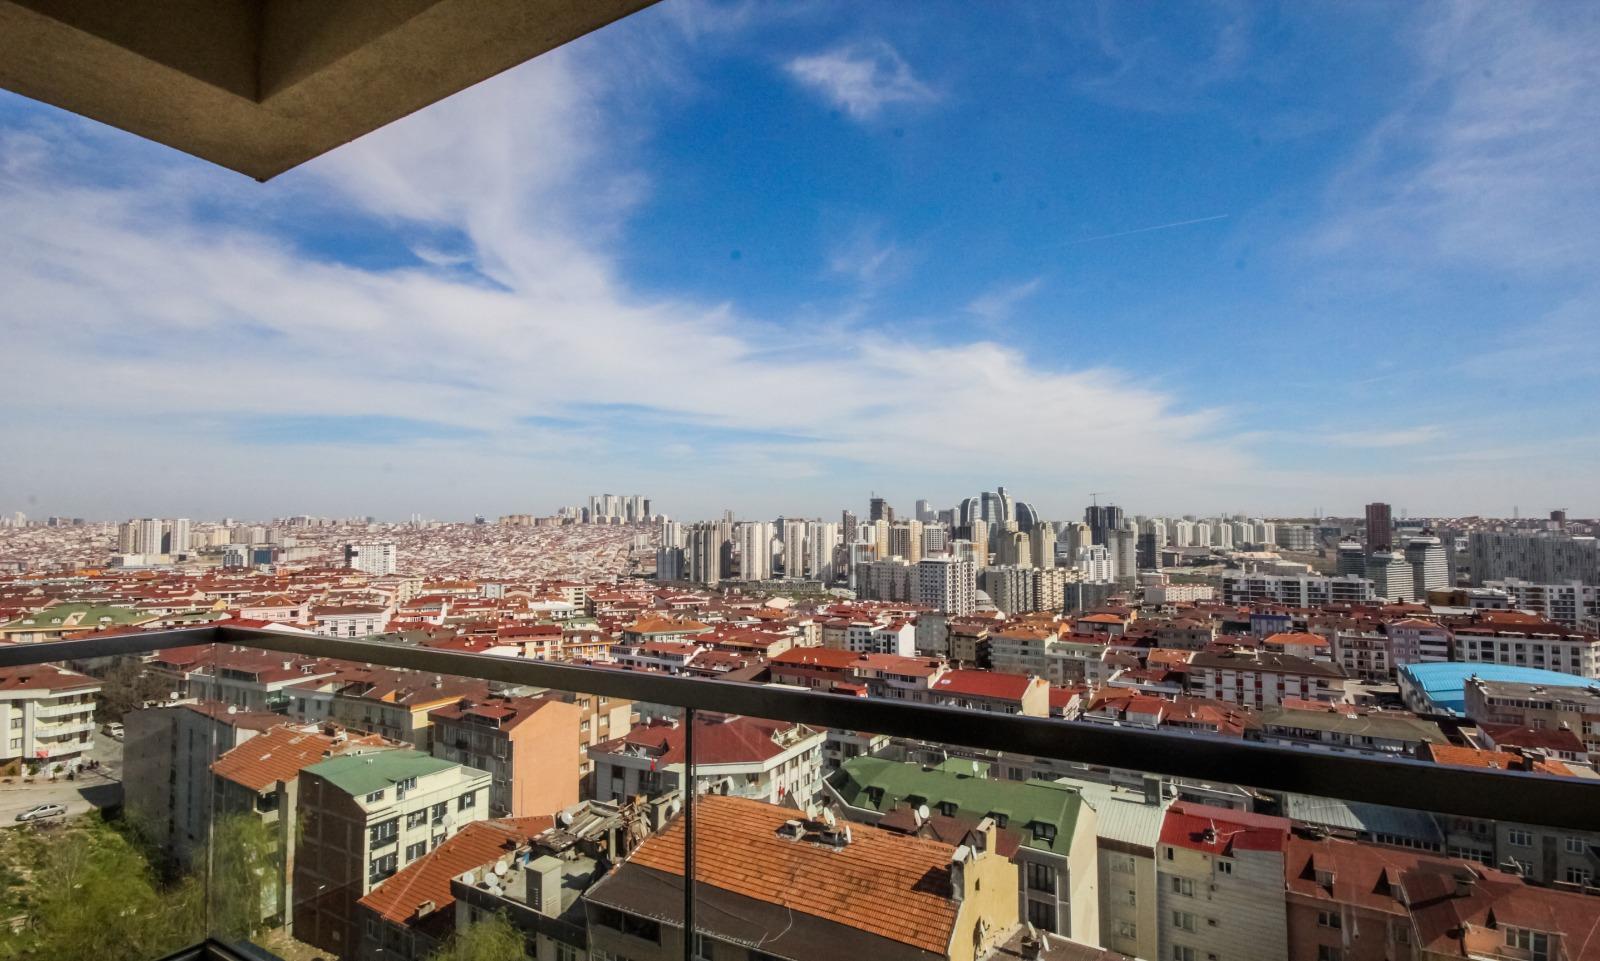 Апартаменты в жилом комплексе Стамбула - Фото 7